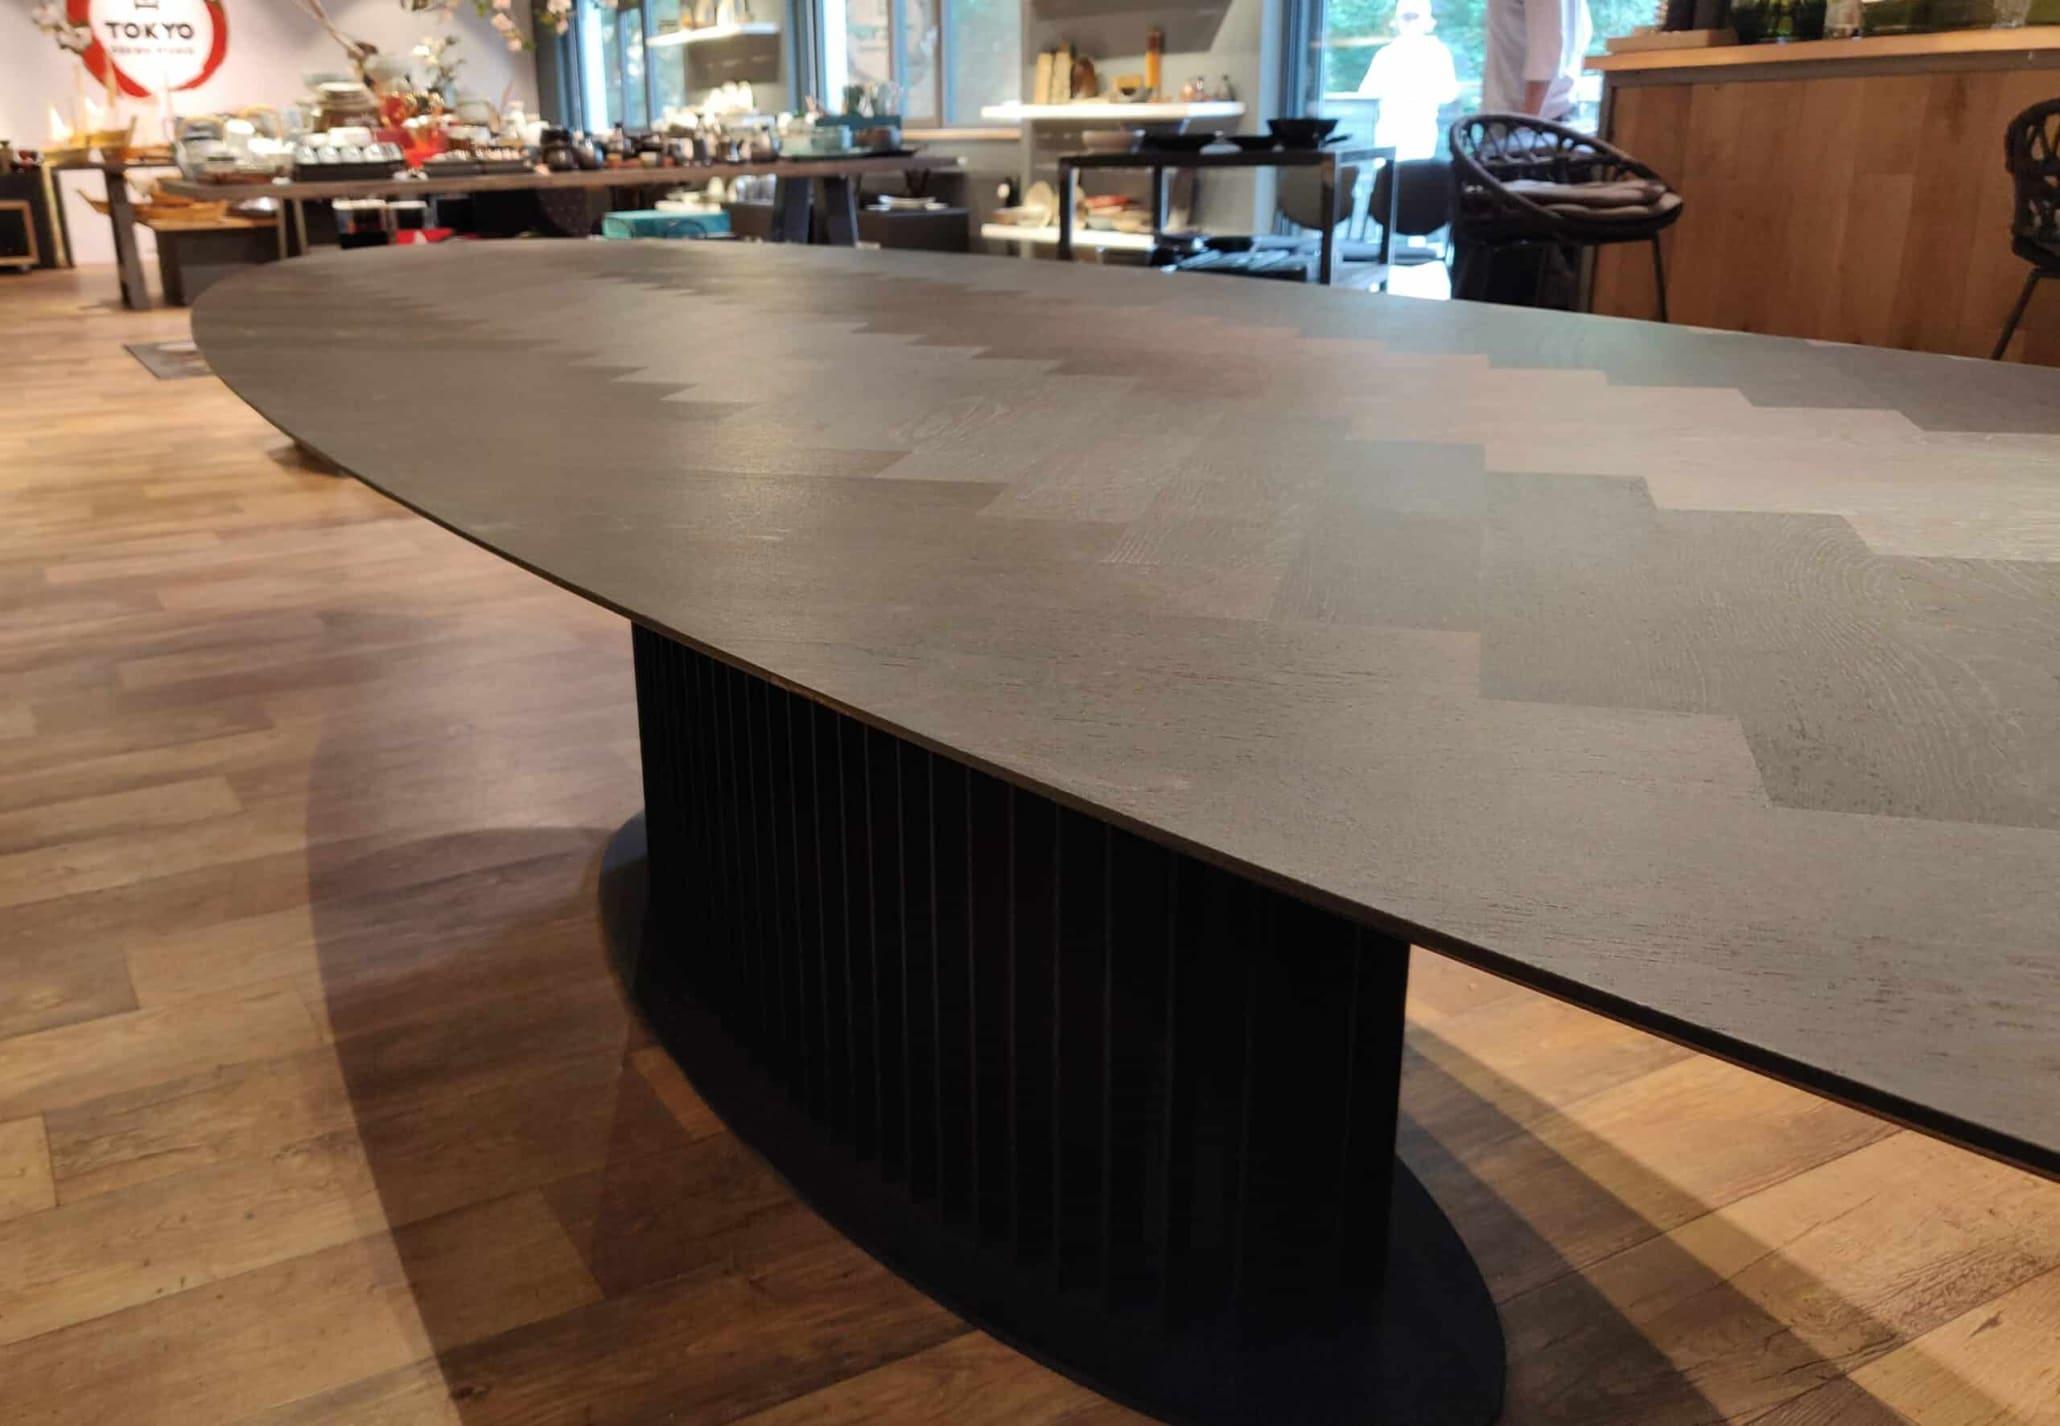 zwarte ovale visgraat vergadertafel of eettafel op maat gemaakt bij Leven in Stijl meubelmakerij in Alkmaar. Ook maken wij deze ovale grote tafel in vele maten en elke andere kleur